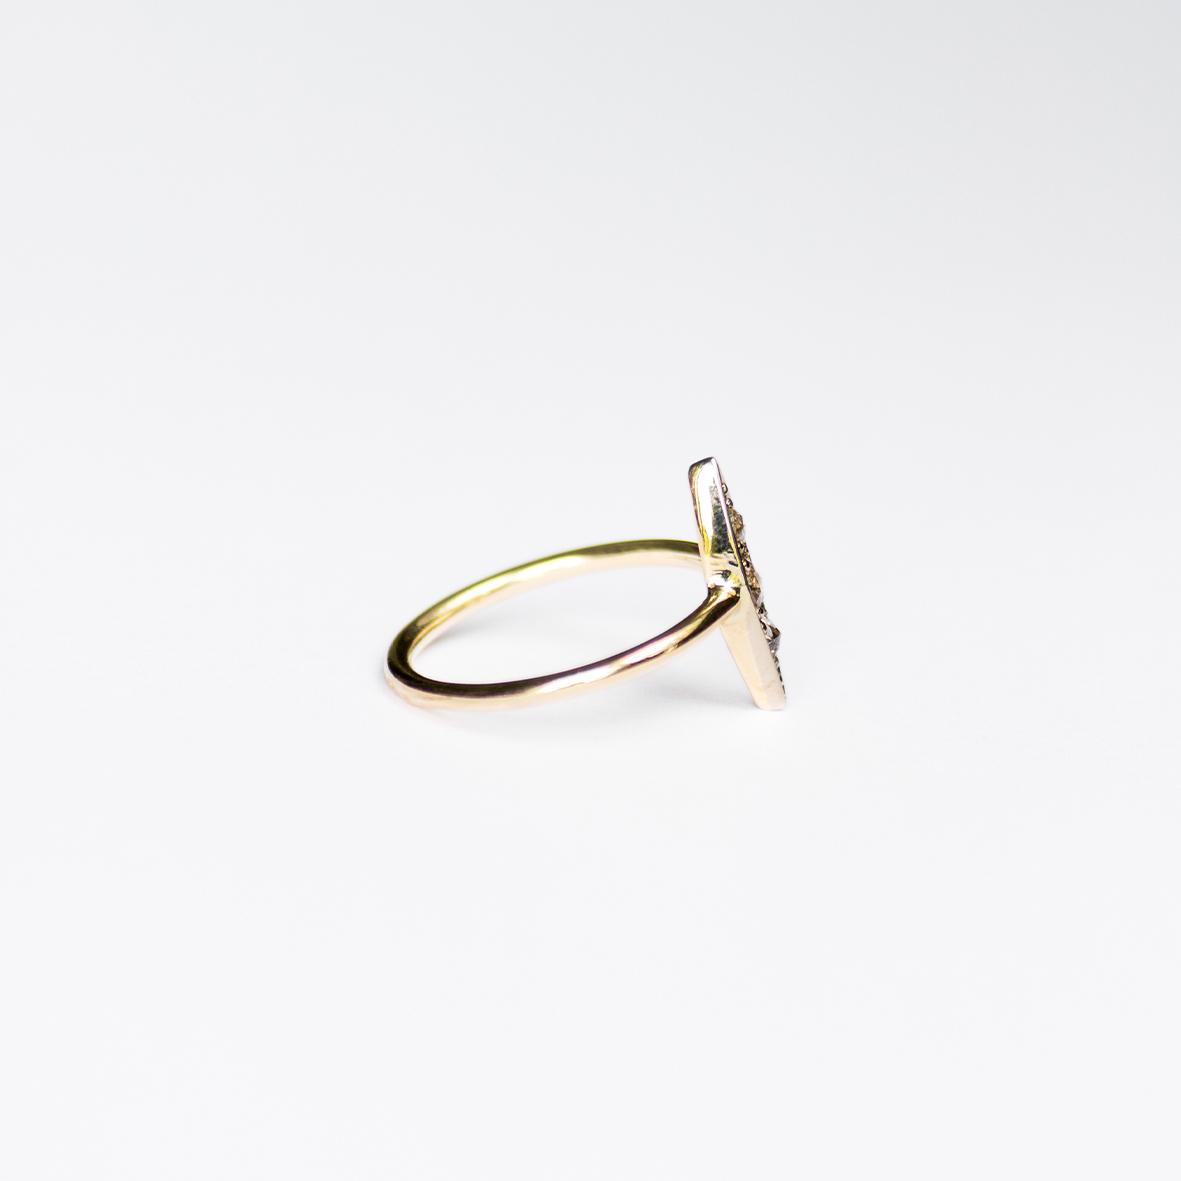 2. OONA_lotus_ficha2_leaf ring copia